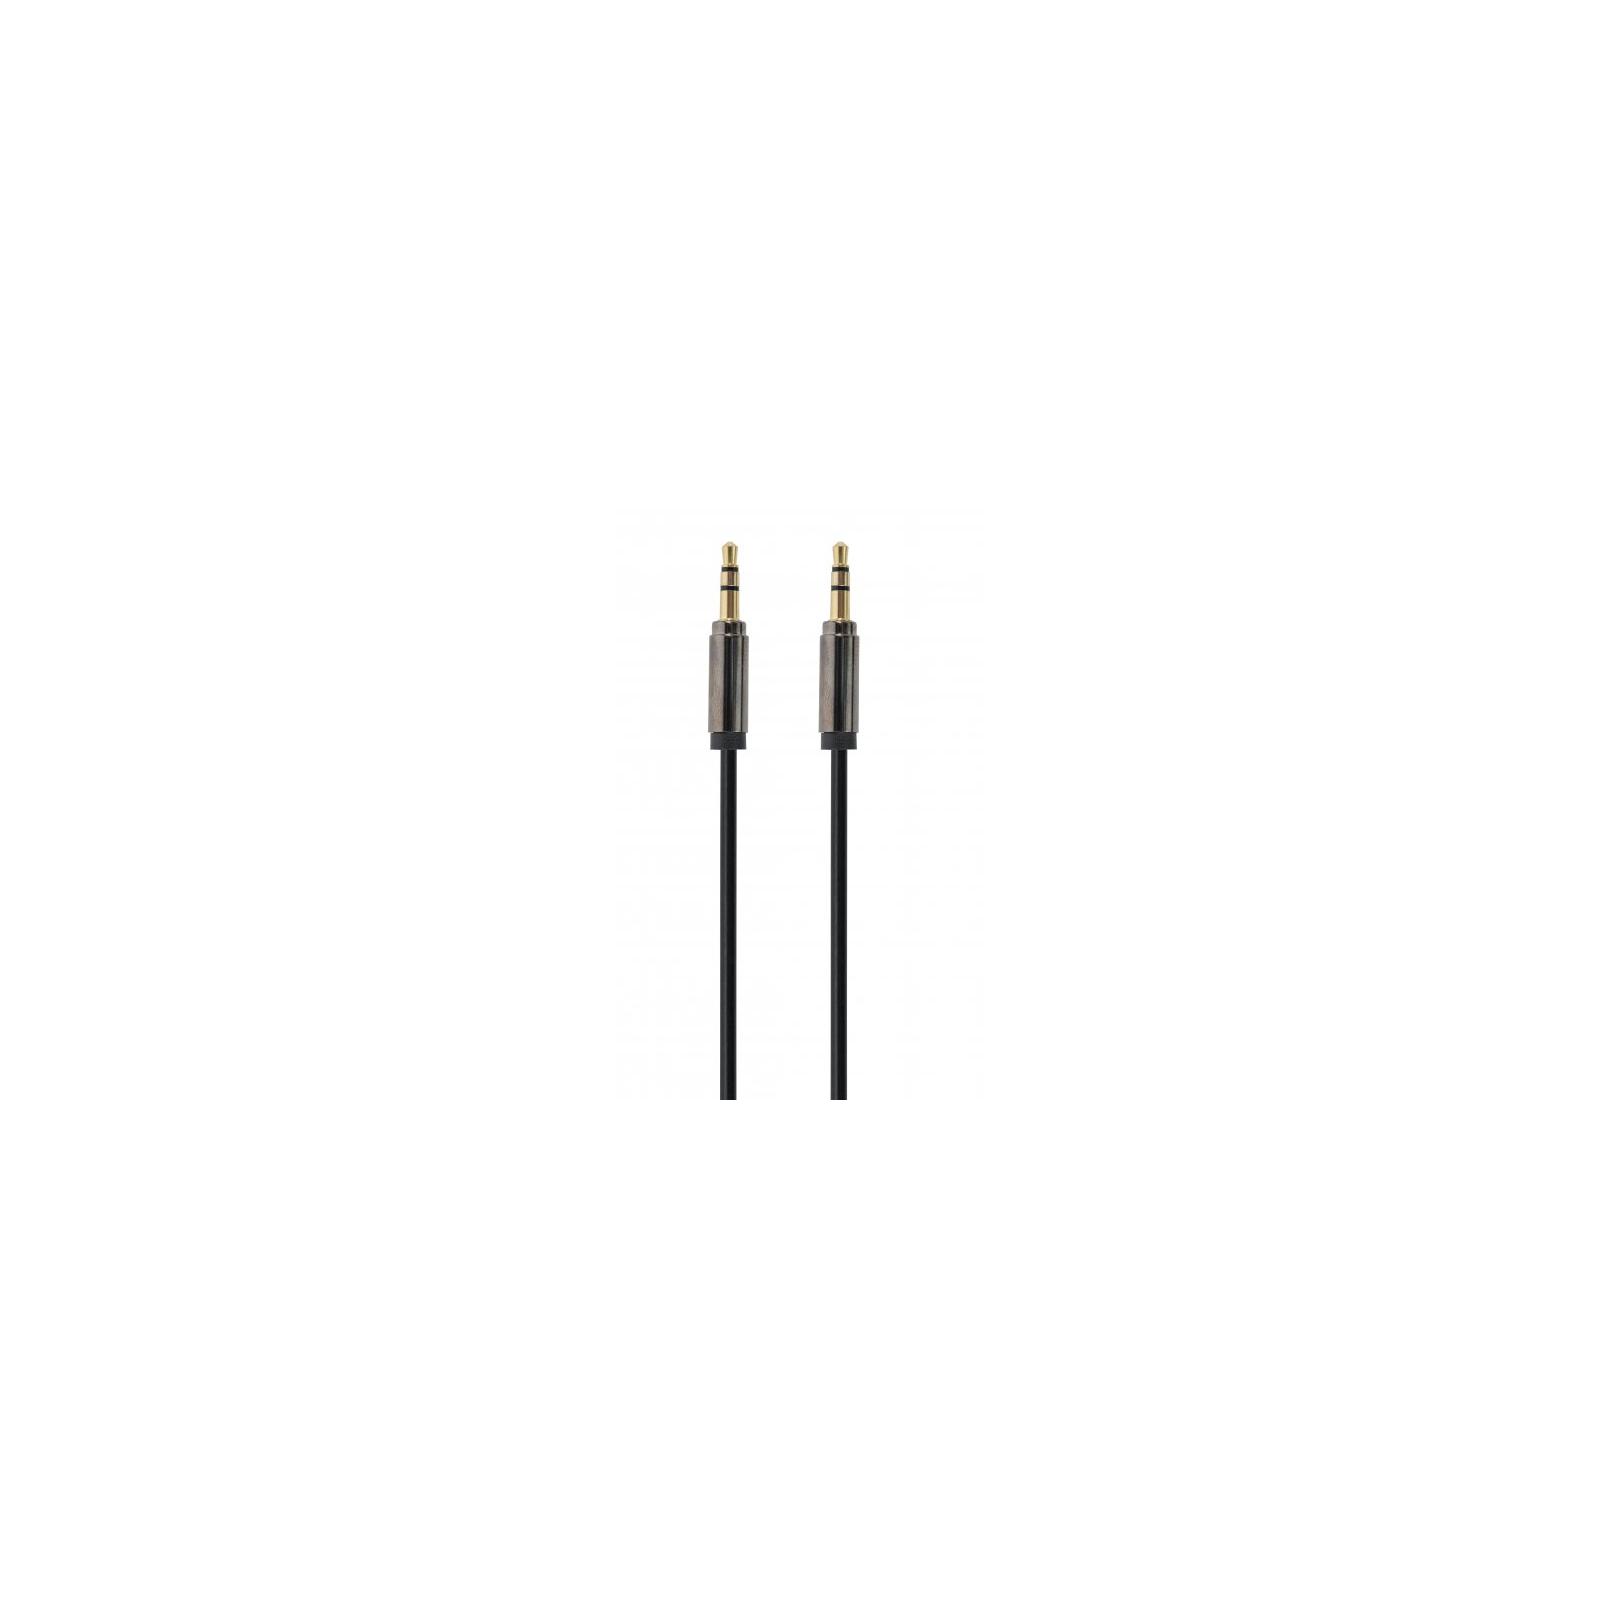 Кабель мультимедийный Jack 3.5mm M to Jack 3.5mm M 1.0m Cablexpert (CCAPB-444-1M)